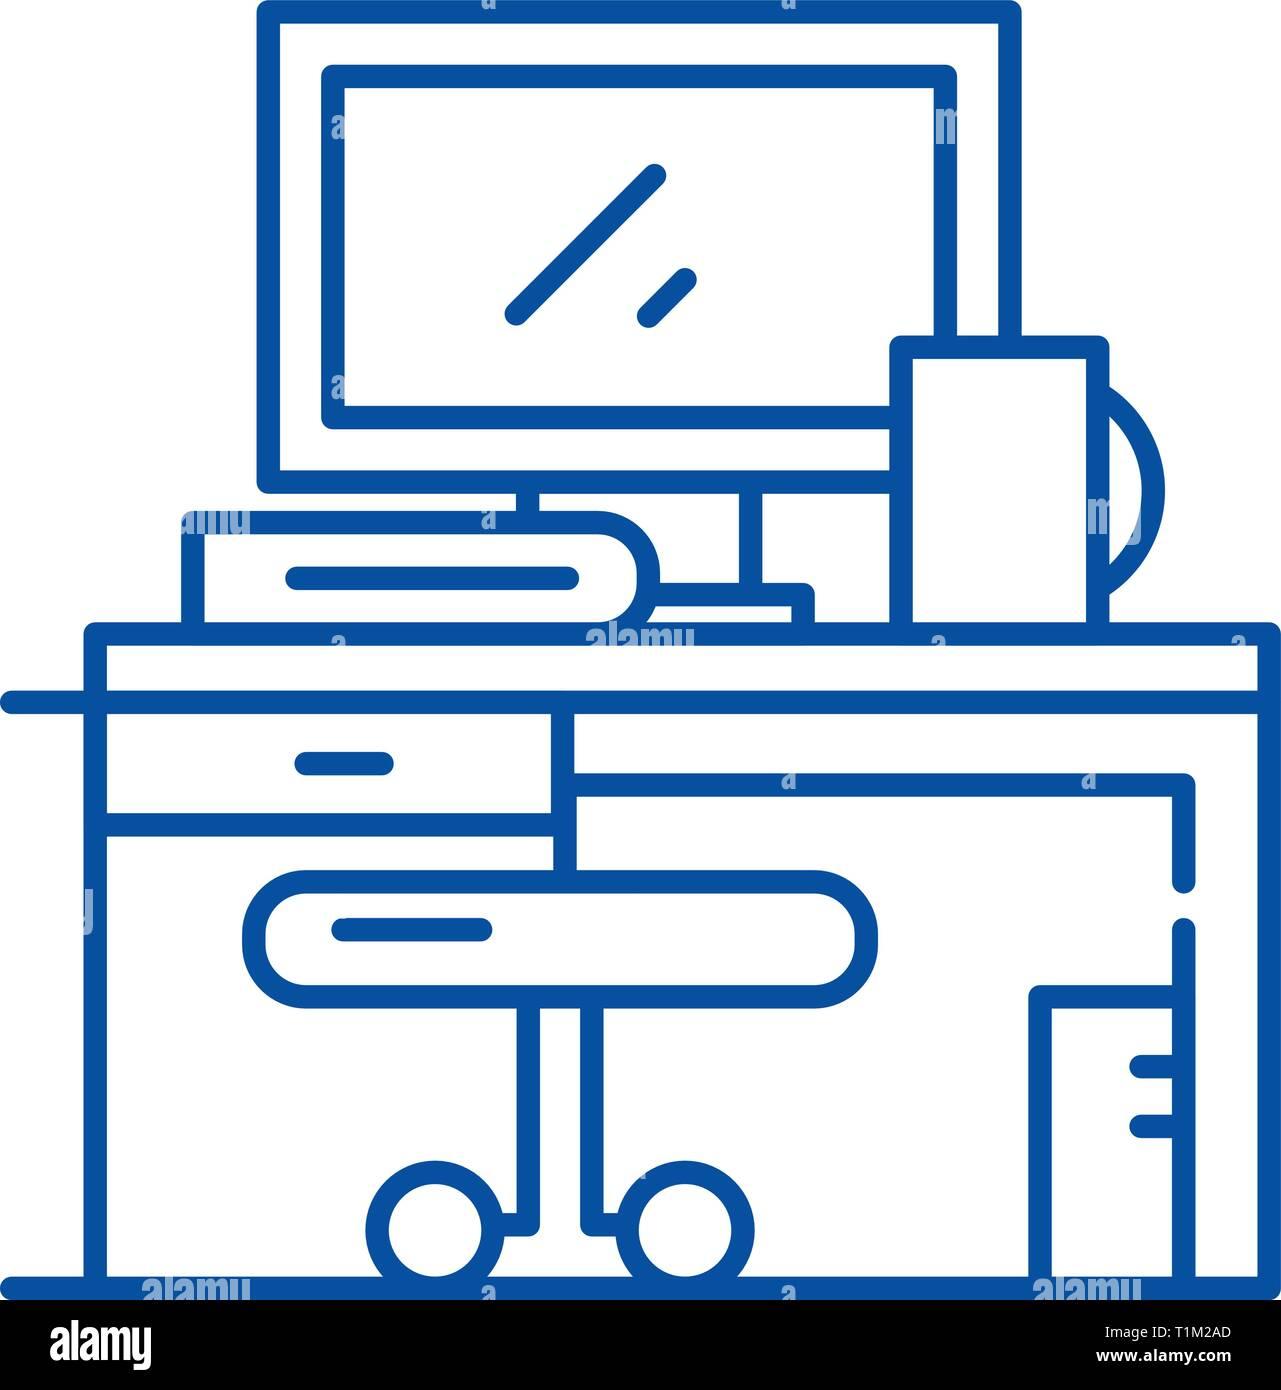 L'icône de la ligne du milieu de concept. Télévision en milieu de signe, symbole, vecteur illustration contour. Illustration de Vecteur